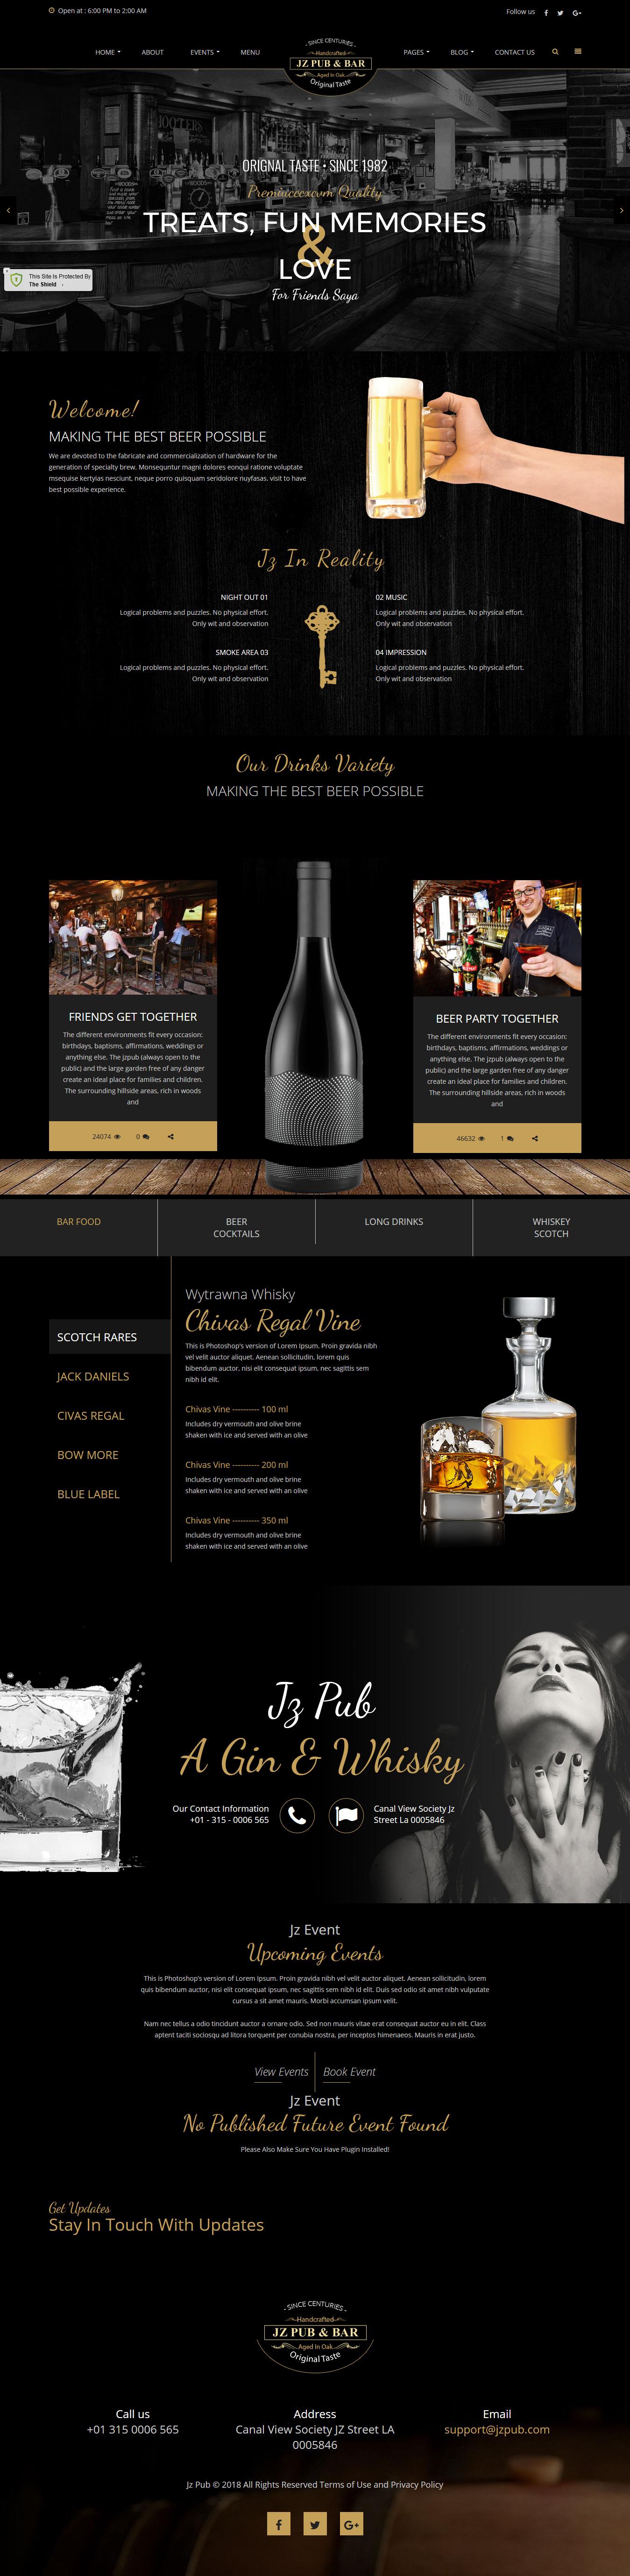 Jz Pub & Bar - Best Premium Bar and Pub WordPress Theme